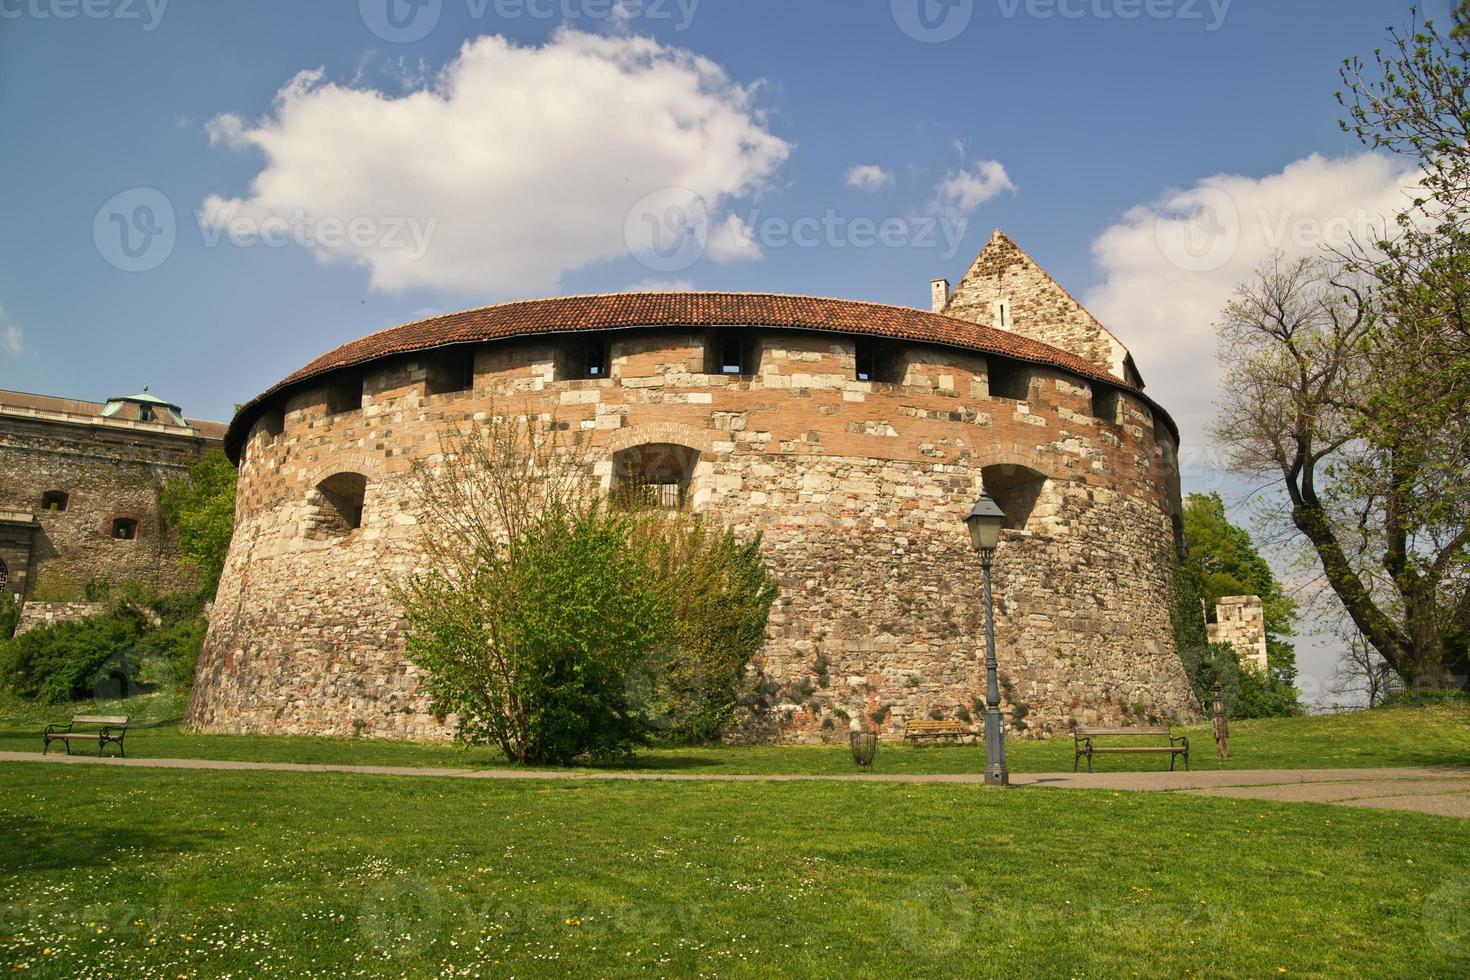 castello di buda. foto